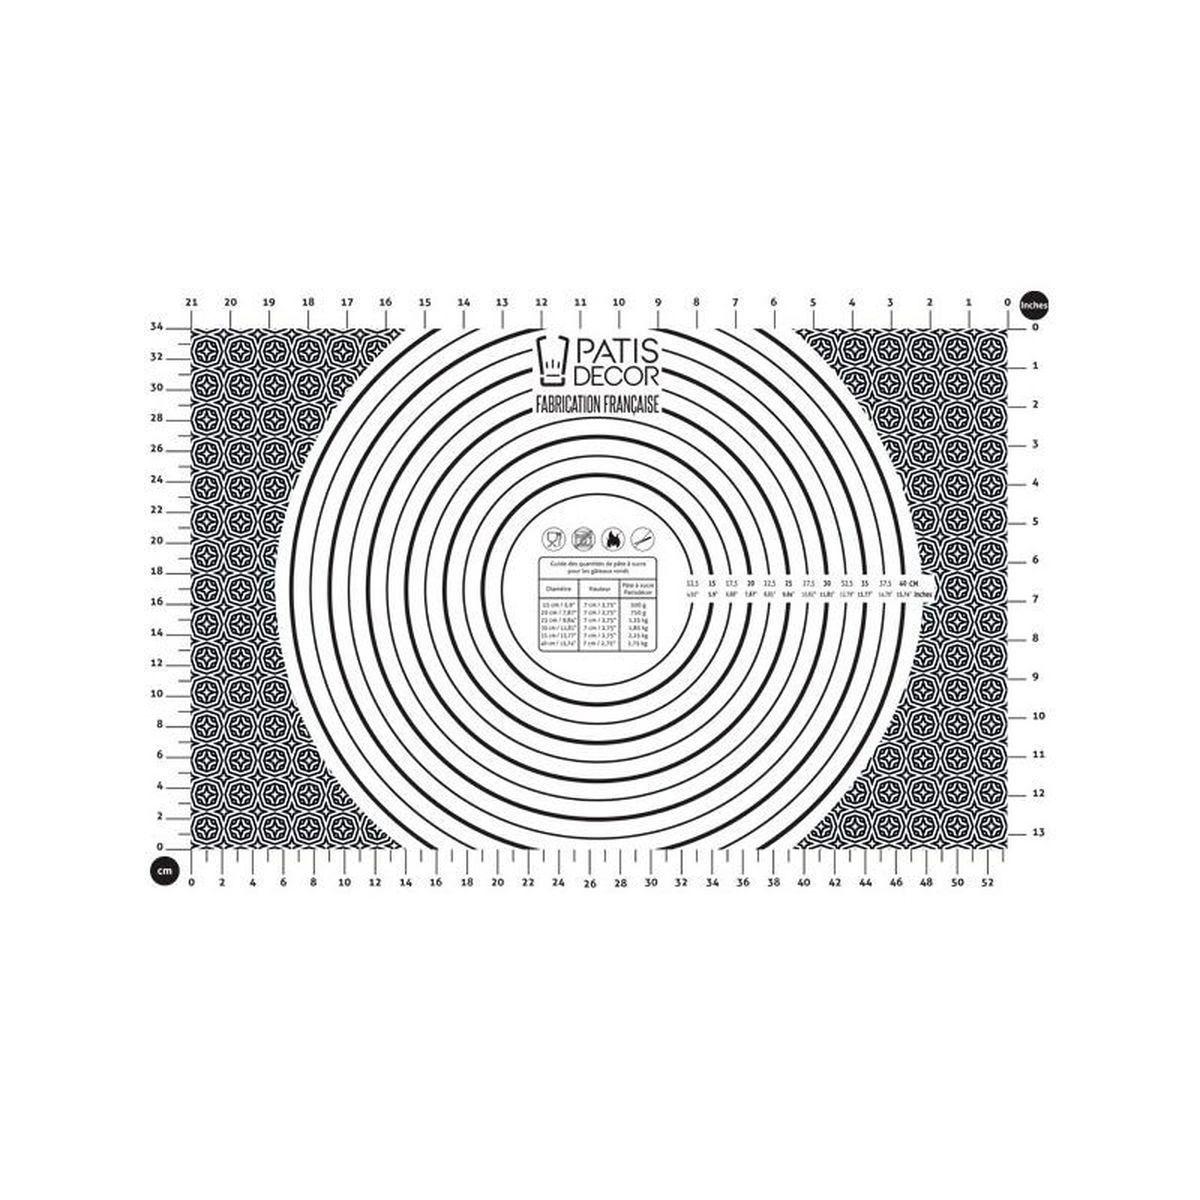 Tapis pour pâte à sucre : modèlage et recouvrement 40 x 60 cm - Patisdecor